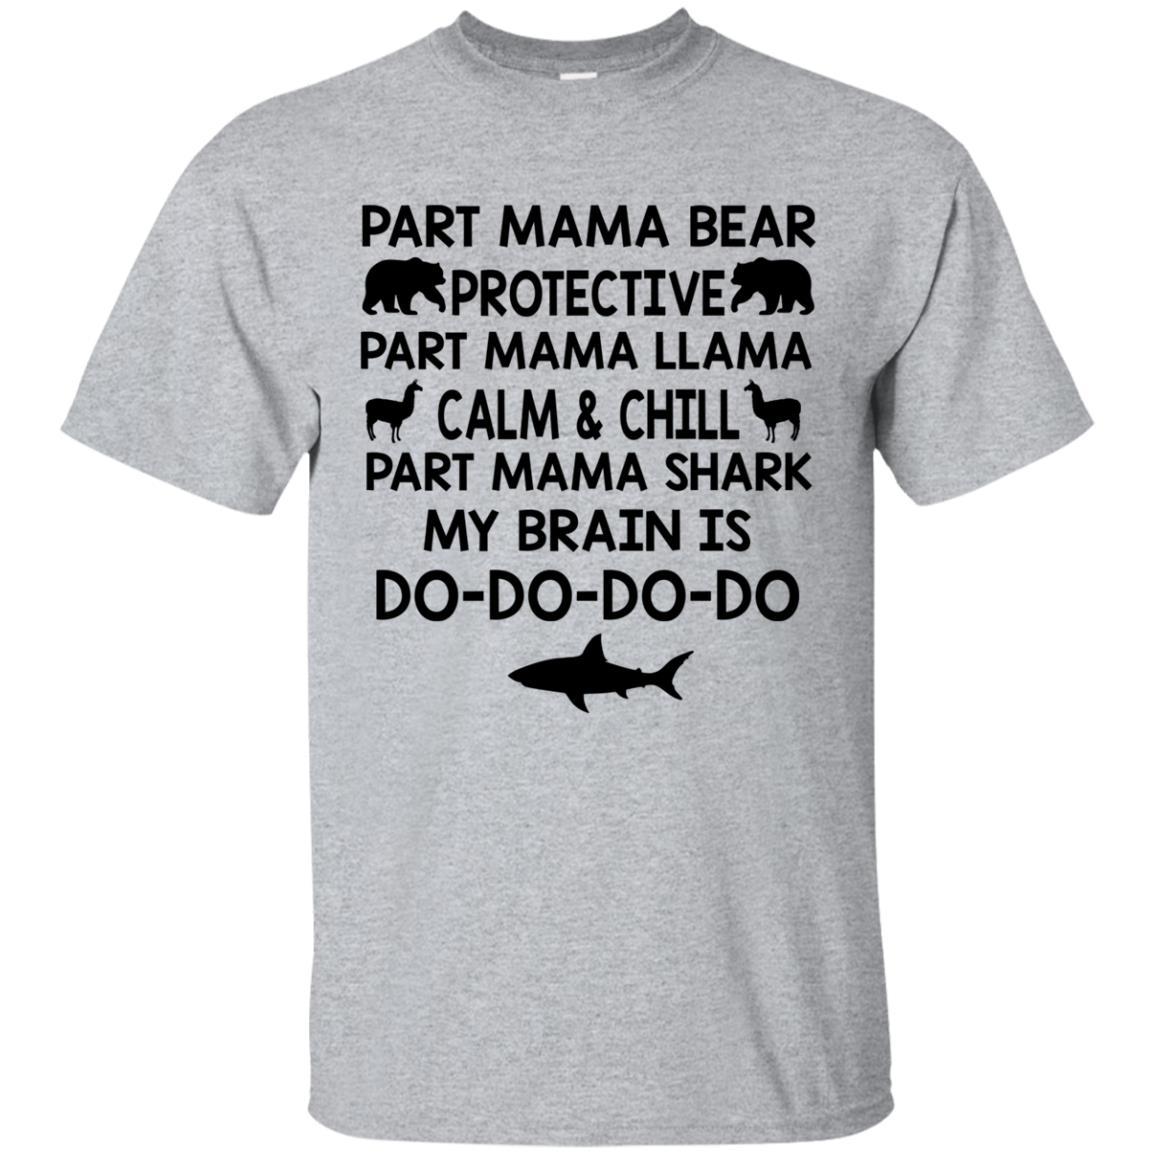 2fdbad33 Part Mama Bear Protective Part Mama Llama Calm shirt - NextlevelA